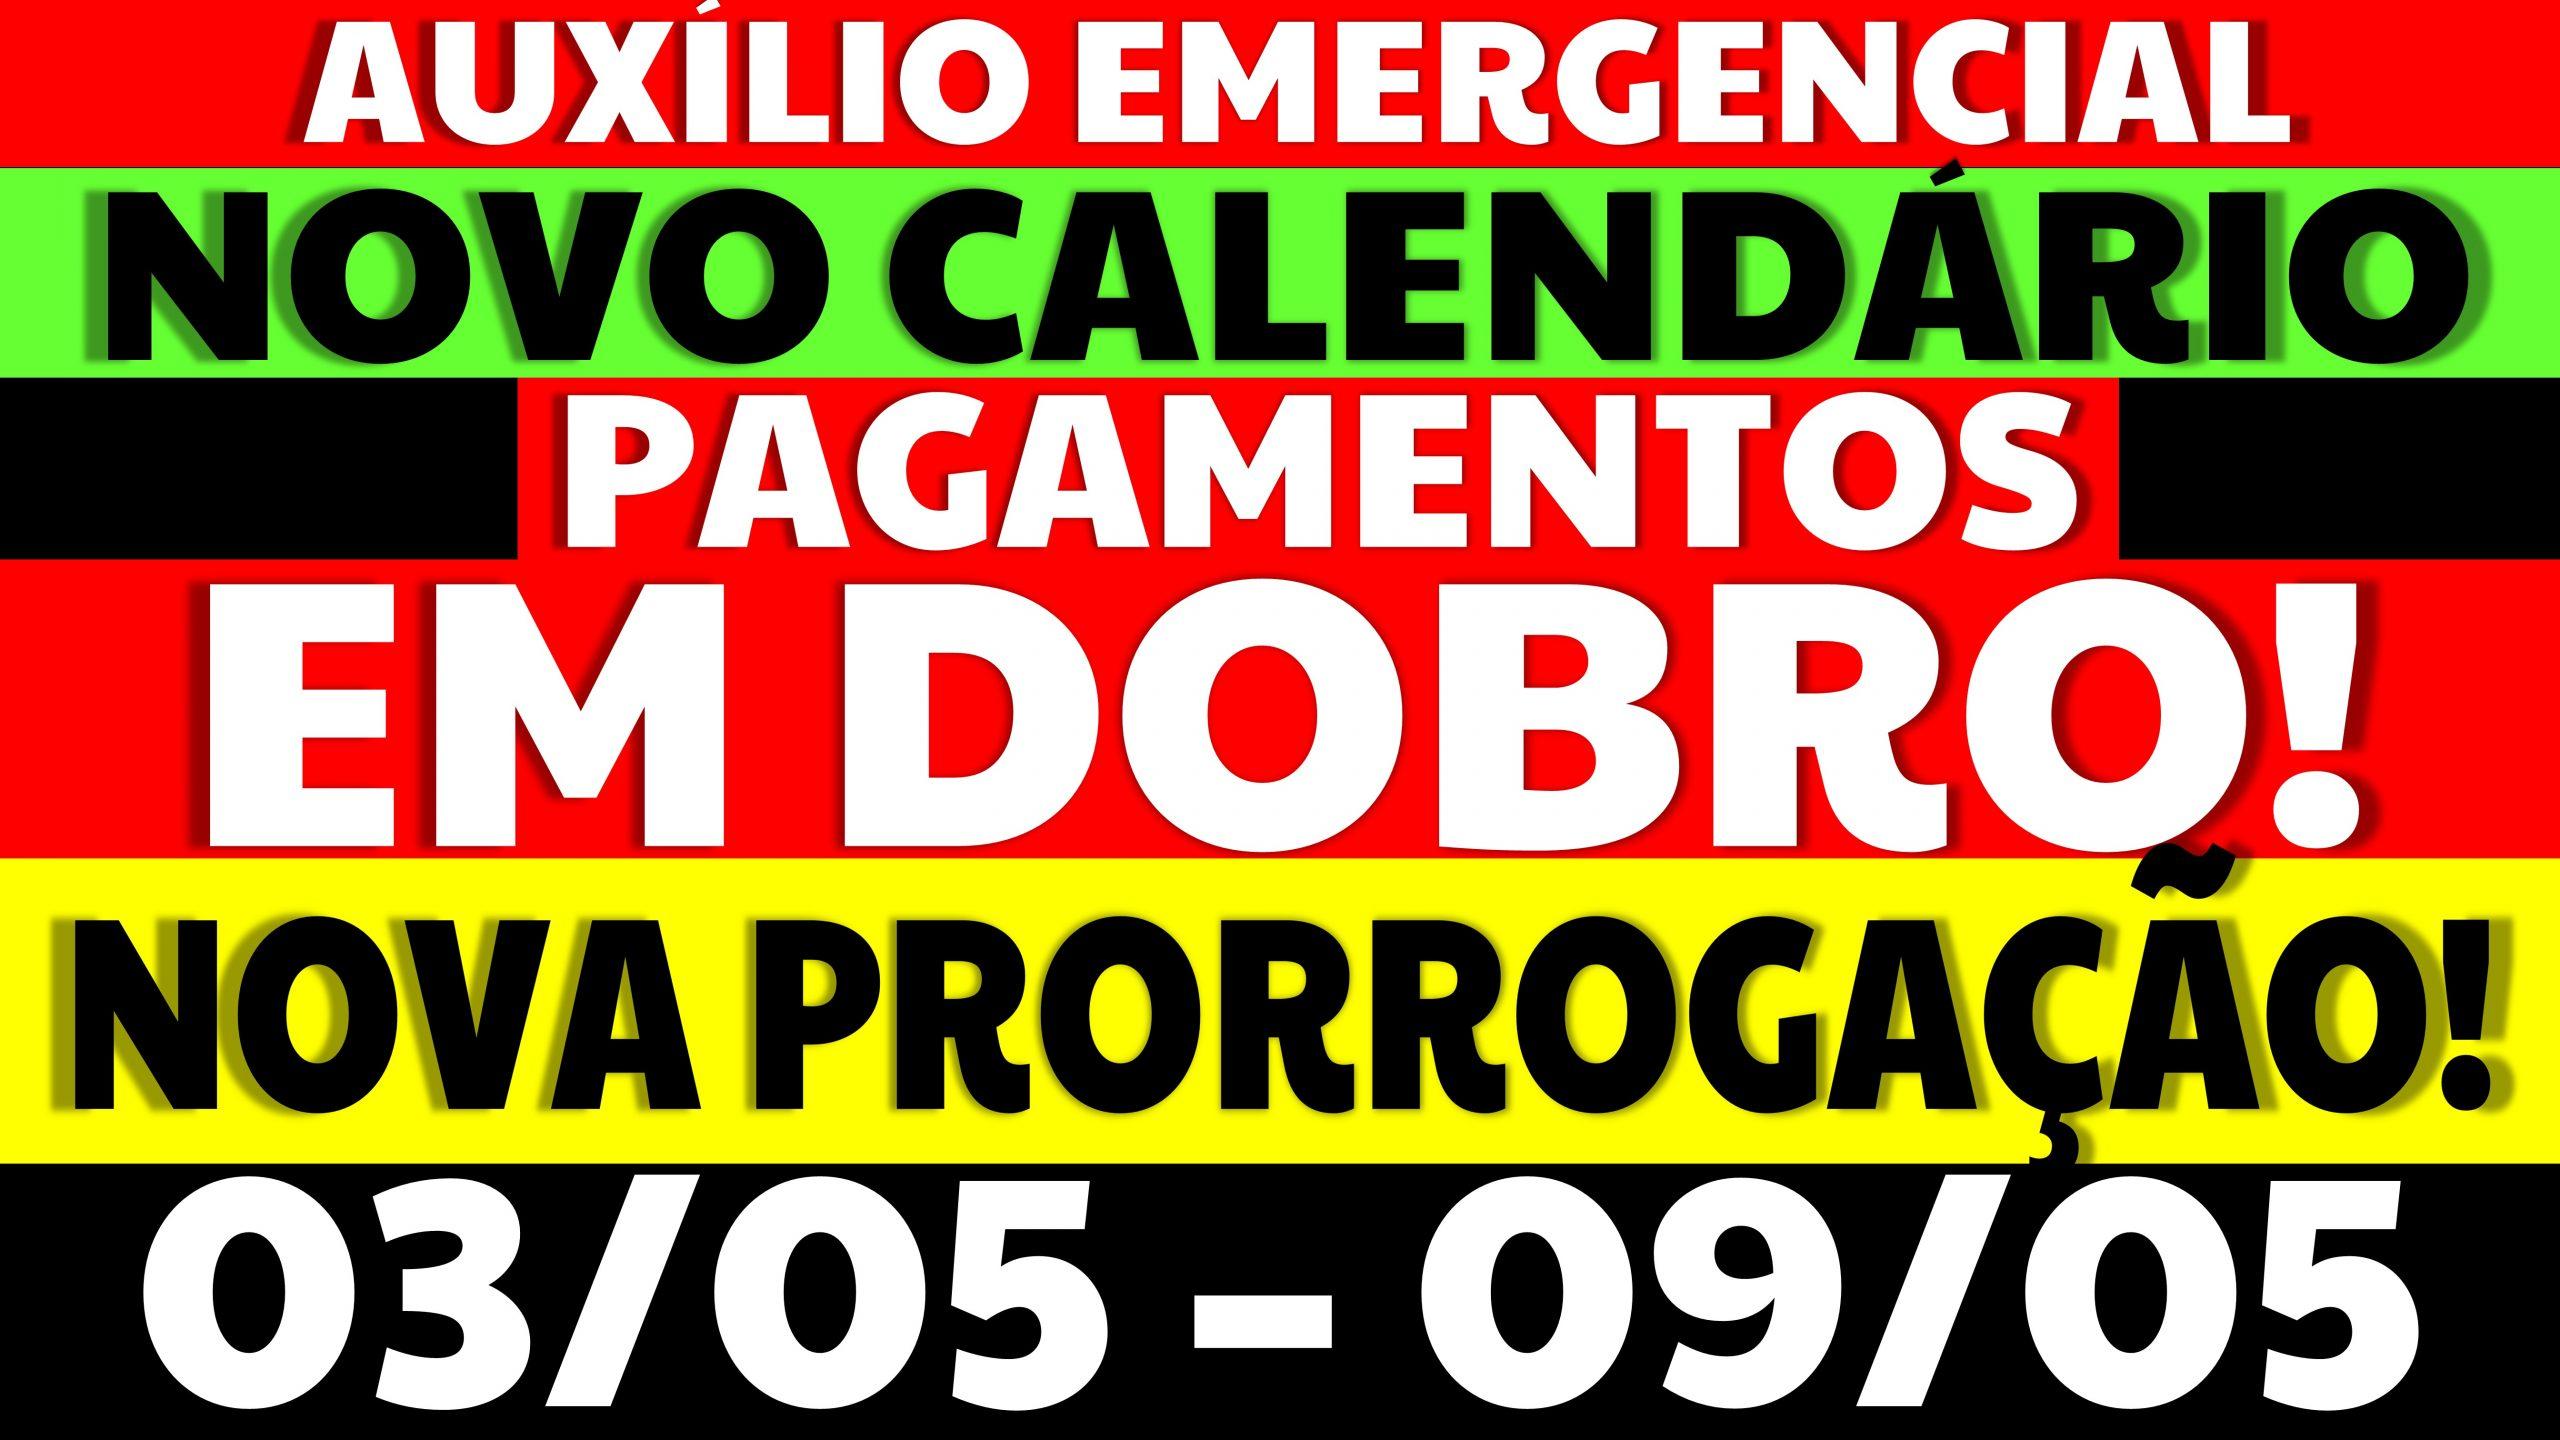 Auxílio Emergencial Hoje – 03/05